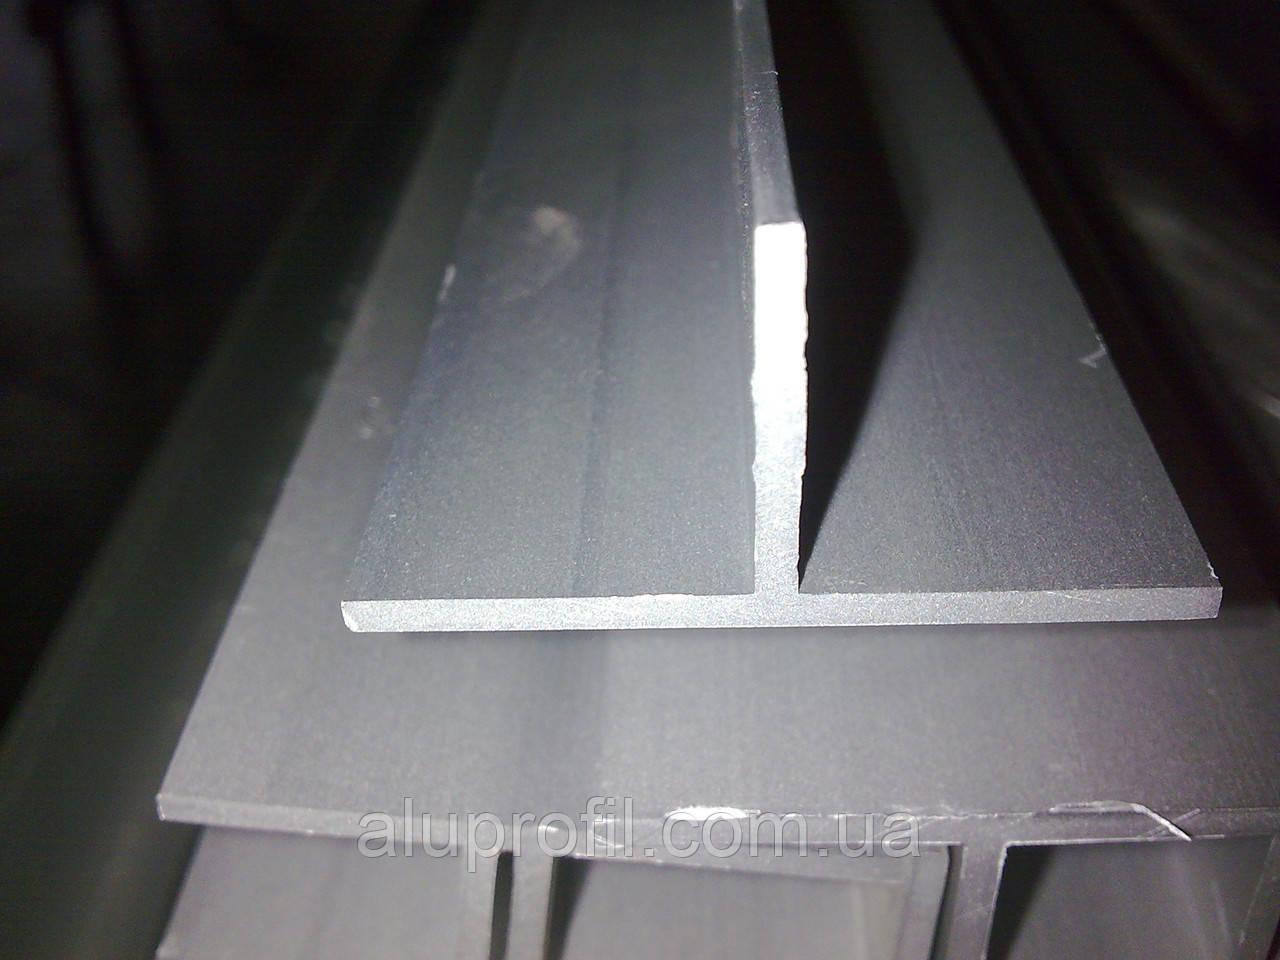 Алюминиевый профиль — тавр алюминиевый 20х40х2 Б/П